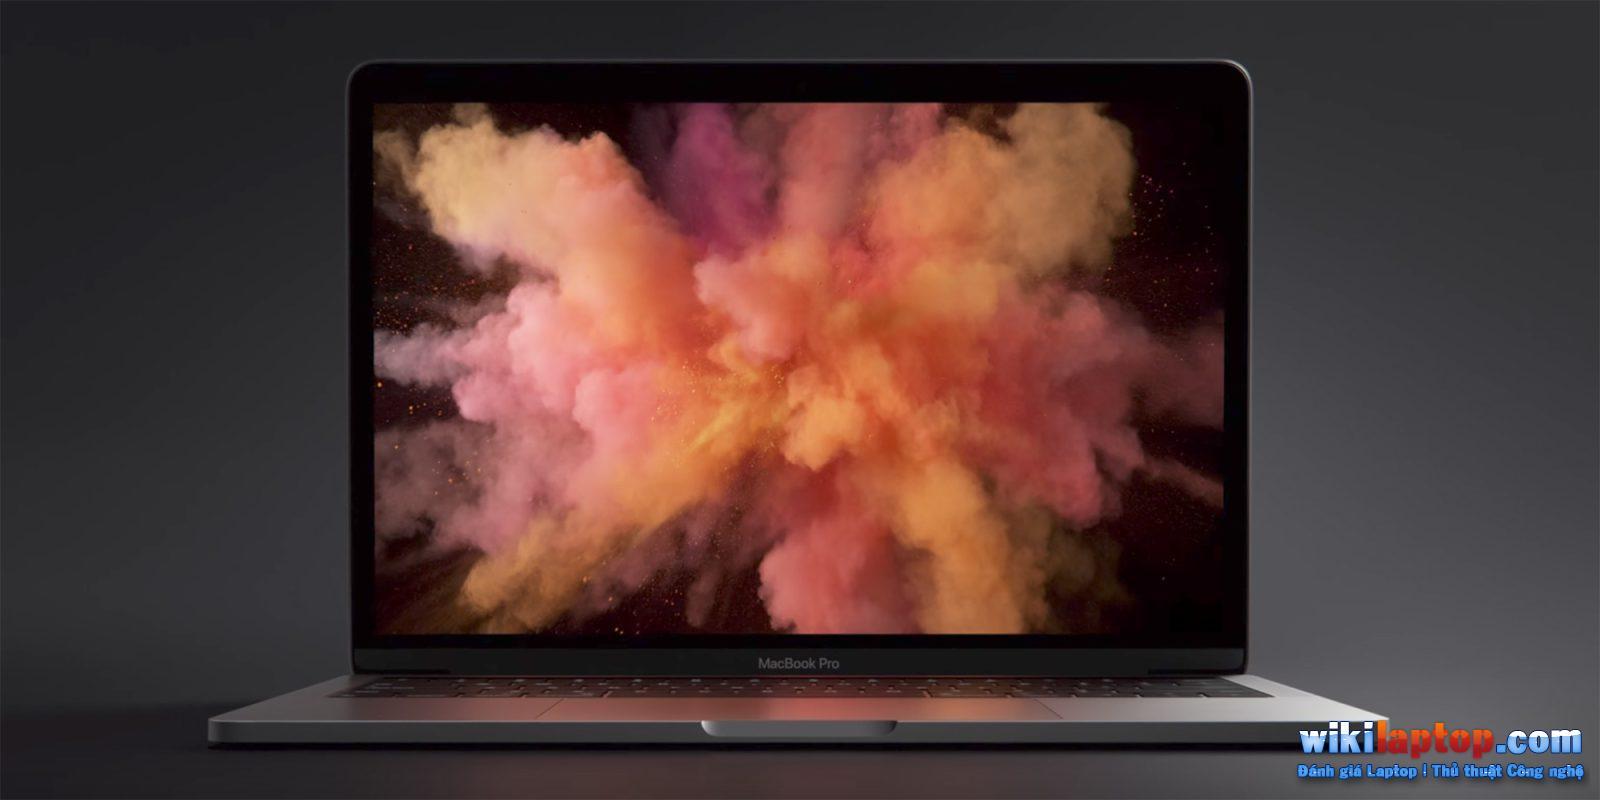 Sforum - Trang thông tin công nghệ mới nhất Cấu hình Mac-4 cũng cao, nhưng tại sao Laptop Gaming không phổ biến như Macbook Pro?